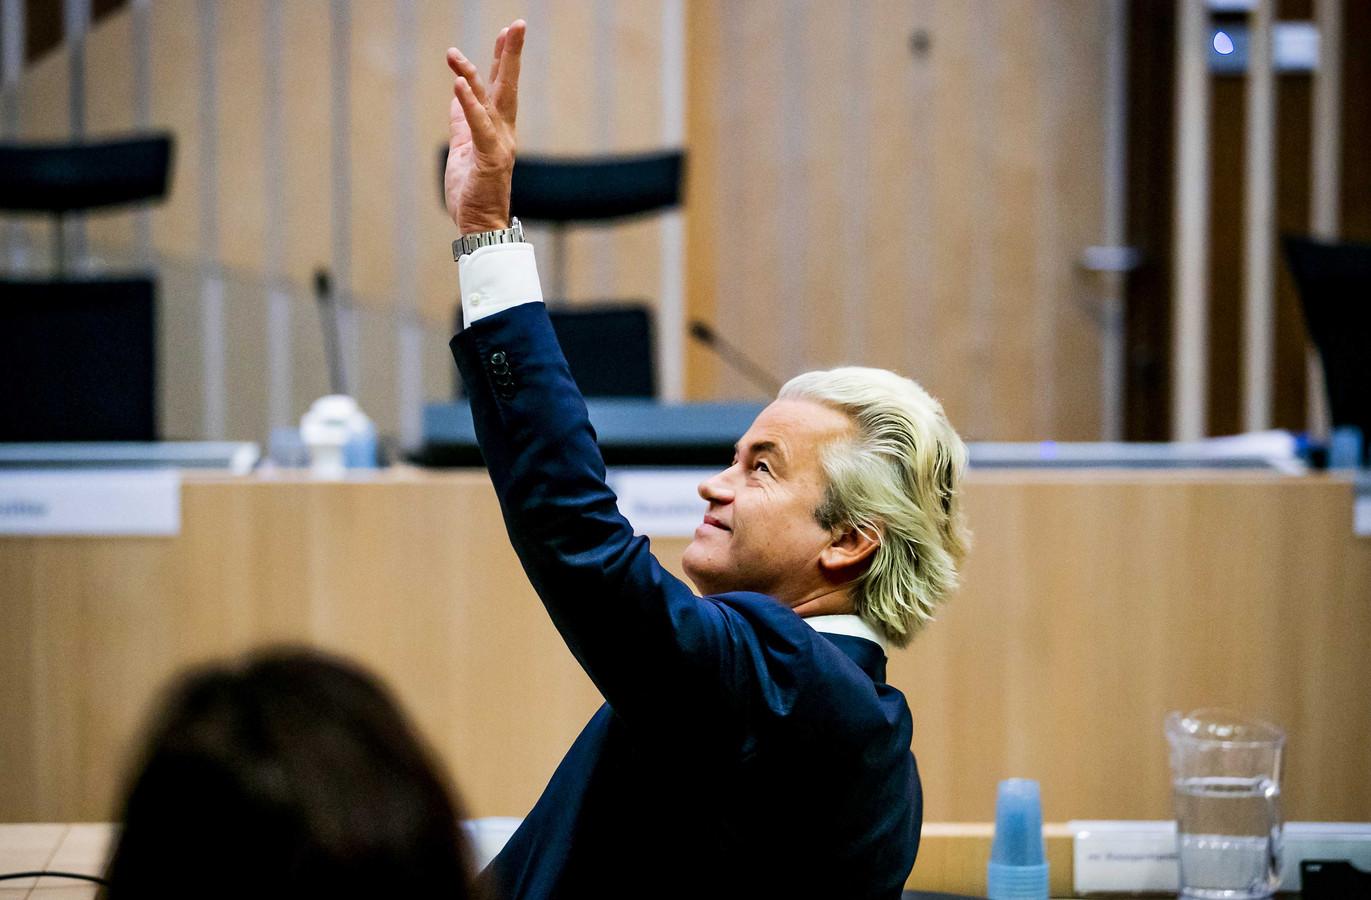 Wilders zwaait naar de publieke tribune in de rechtbank van het Justitieel Complex Schiphol voorafgaand aan een zittingsdag tijdens het proces tegen hem.